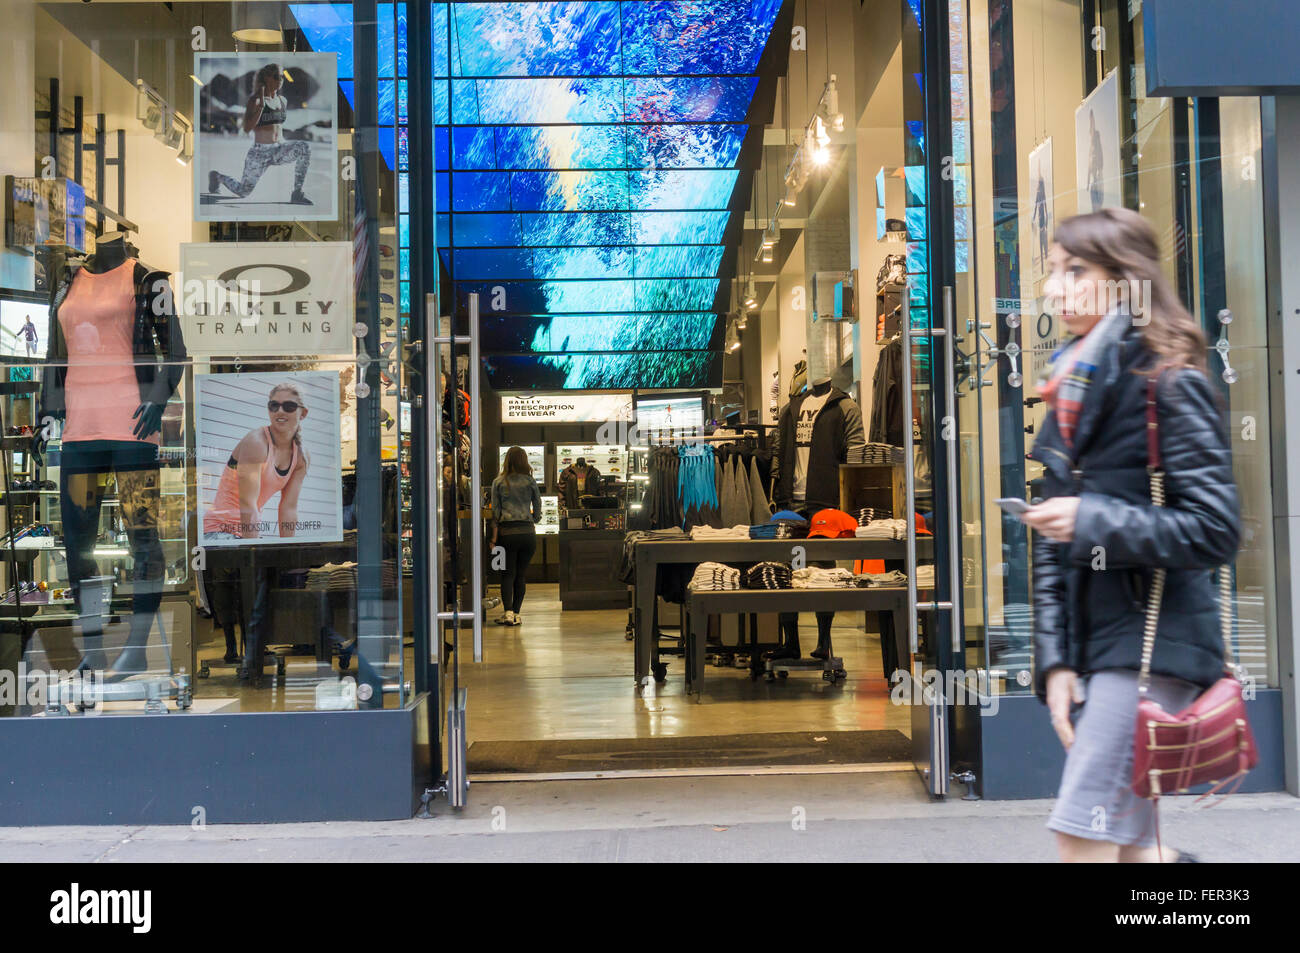 La tienda que vende Oakley gafas de sol y otras prendas deportivas en la  Quinta Avenida de Nueva York el jueves c1b94f55dcfb8